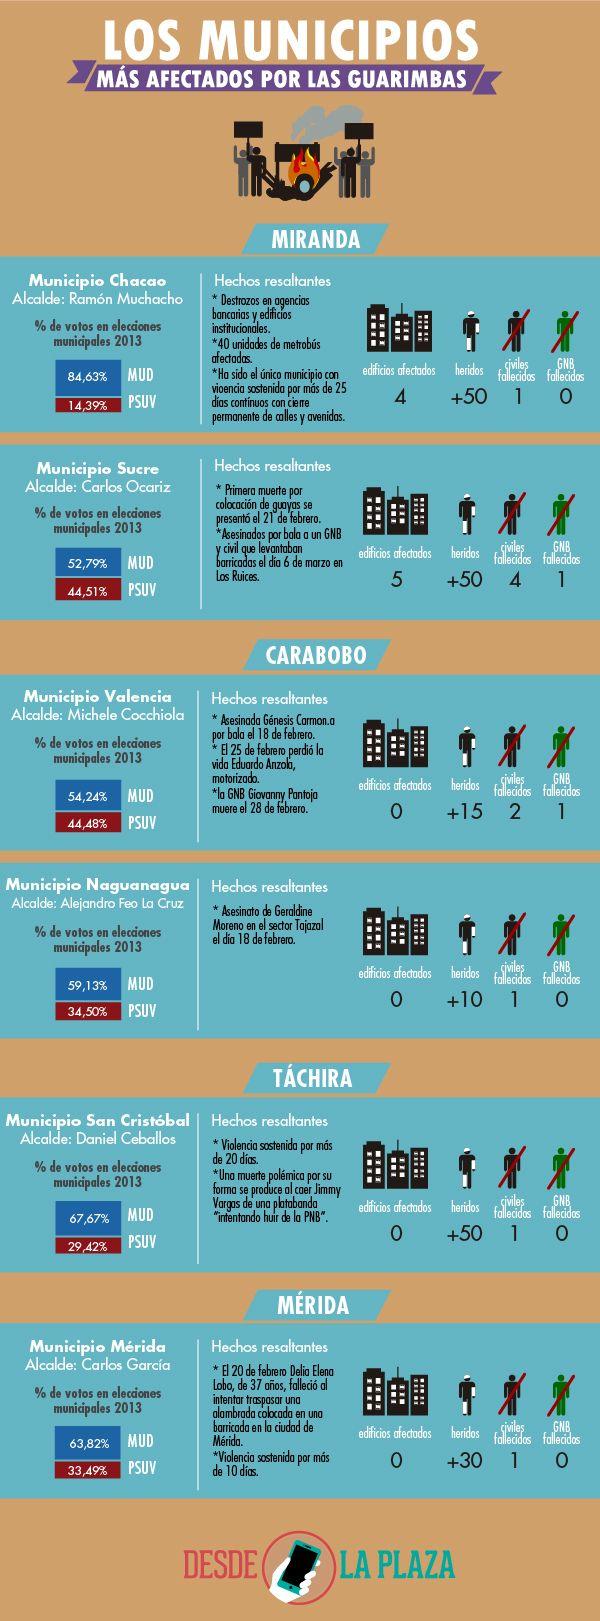 Comparativa entre los municipios donde se desarrollan protestas en Venezuela y los resultados de las votaciones municipales de diciembre de 2013